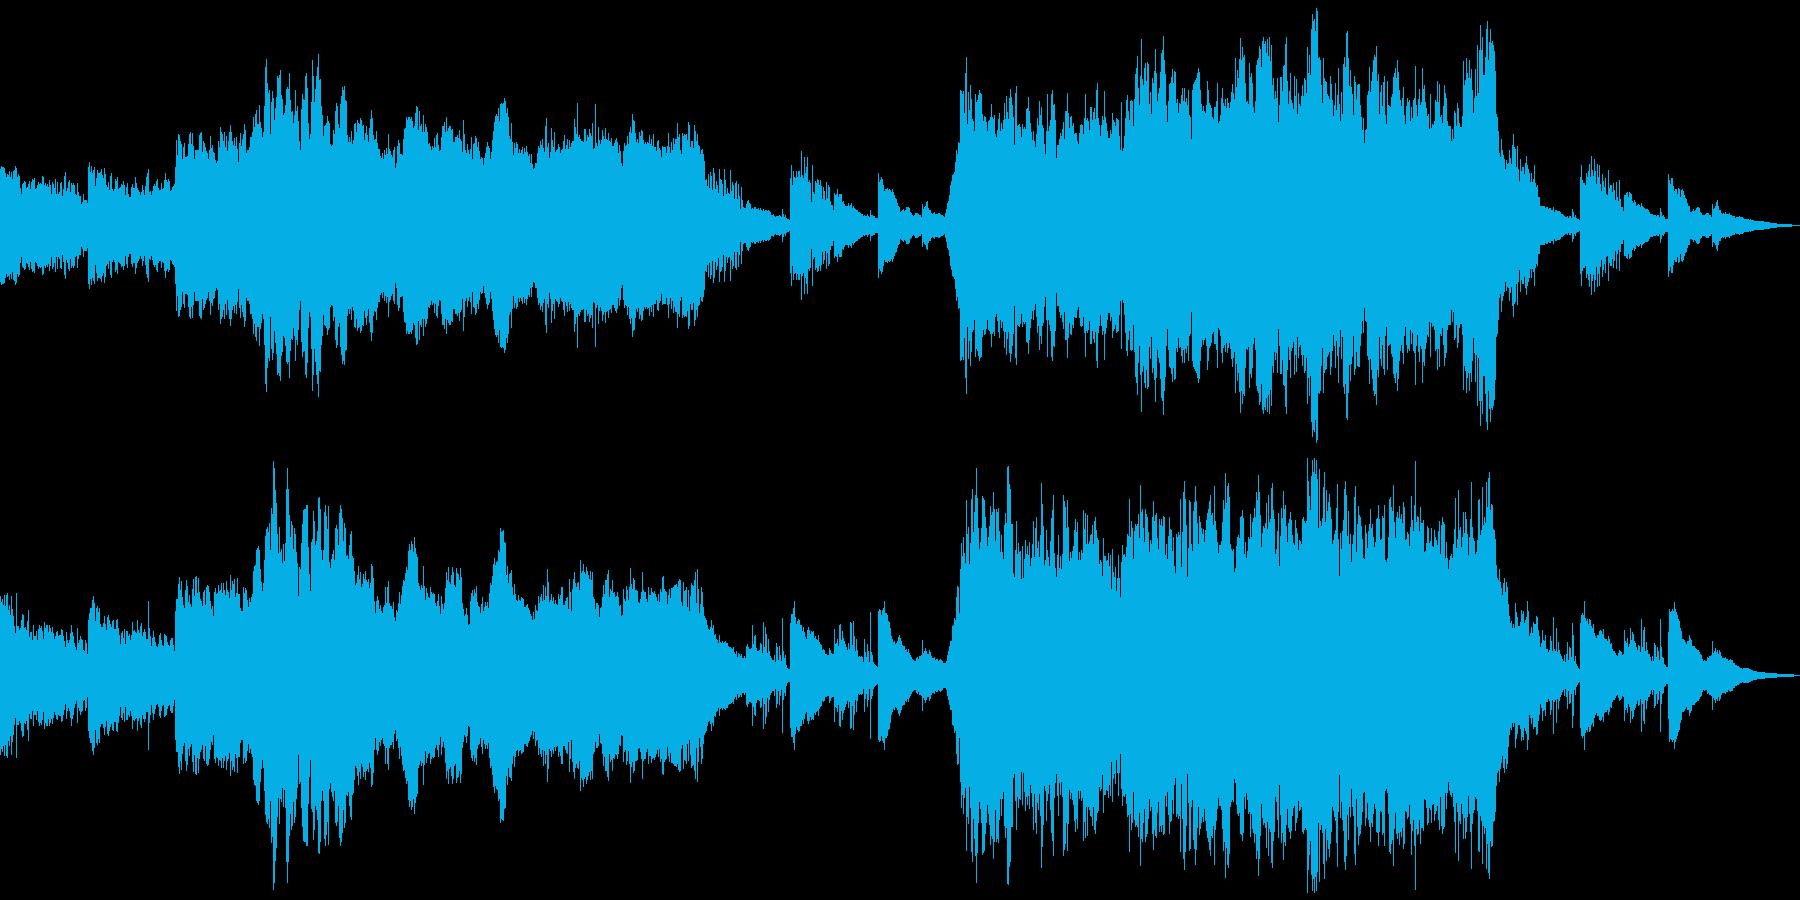 パイプオルガンを使った少し不気味なBGMの再生済みの波形